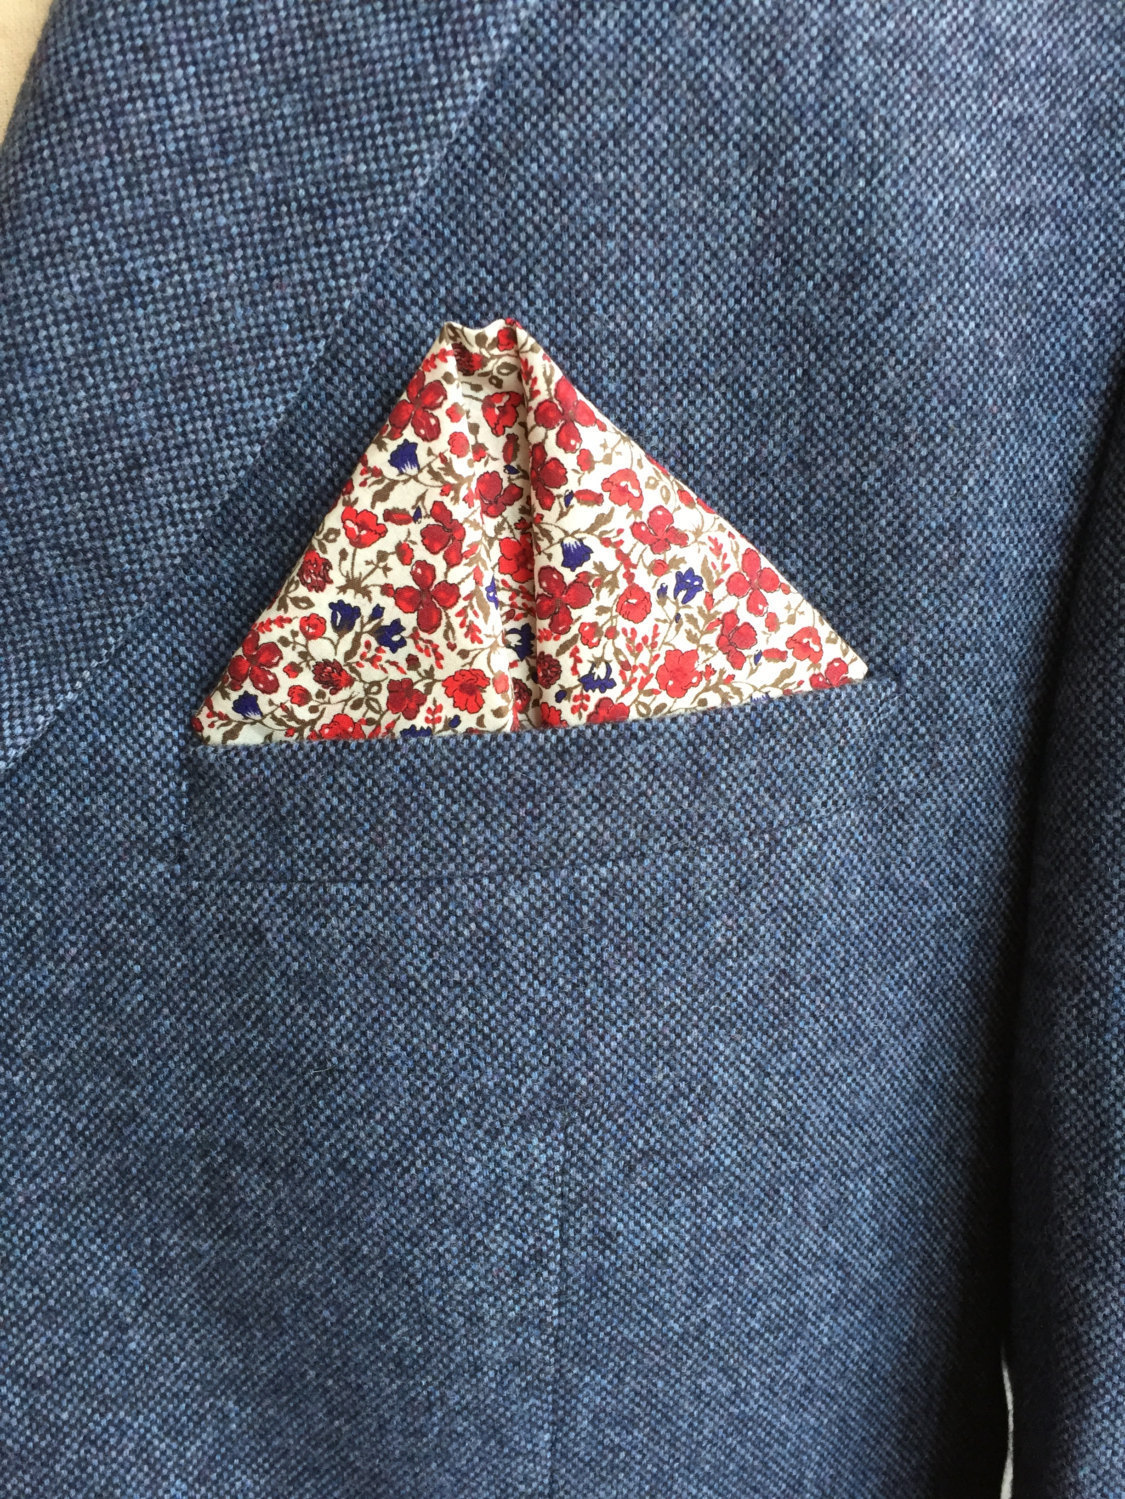 kaye-hannabuss-textiles.jpg